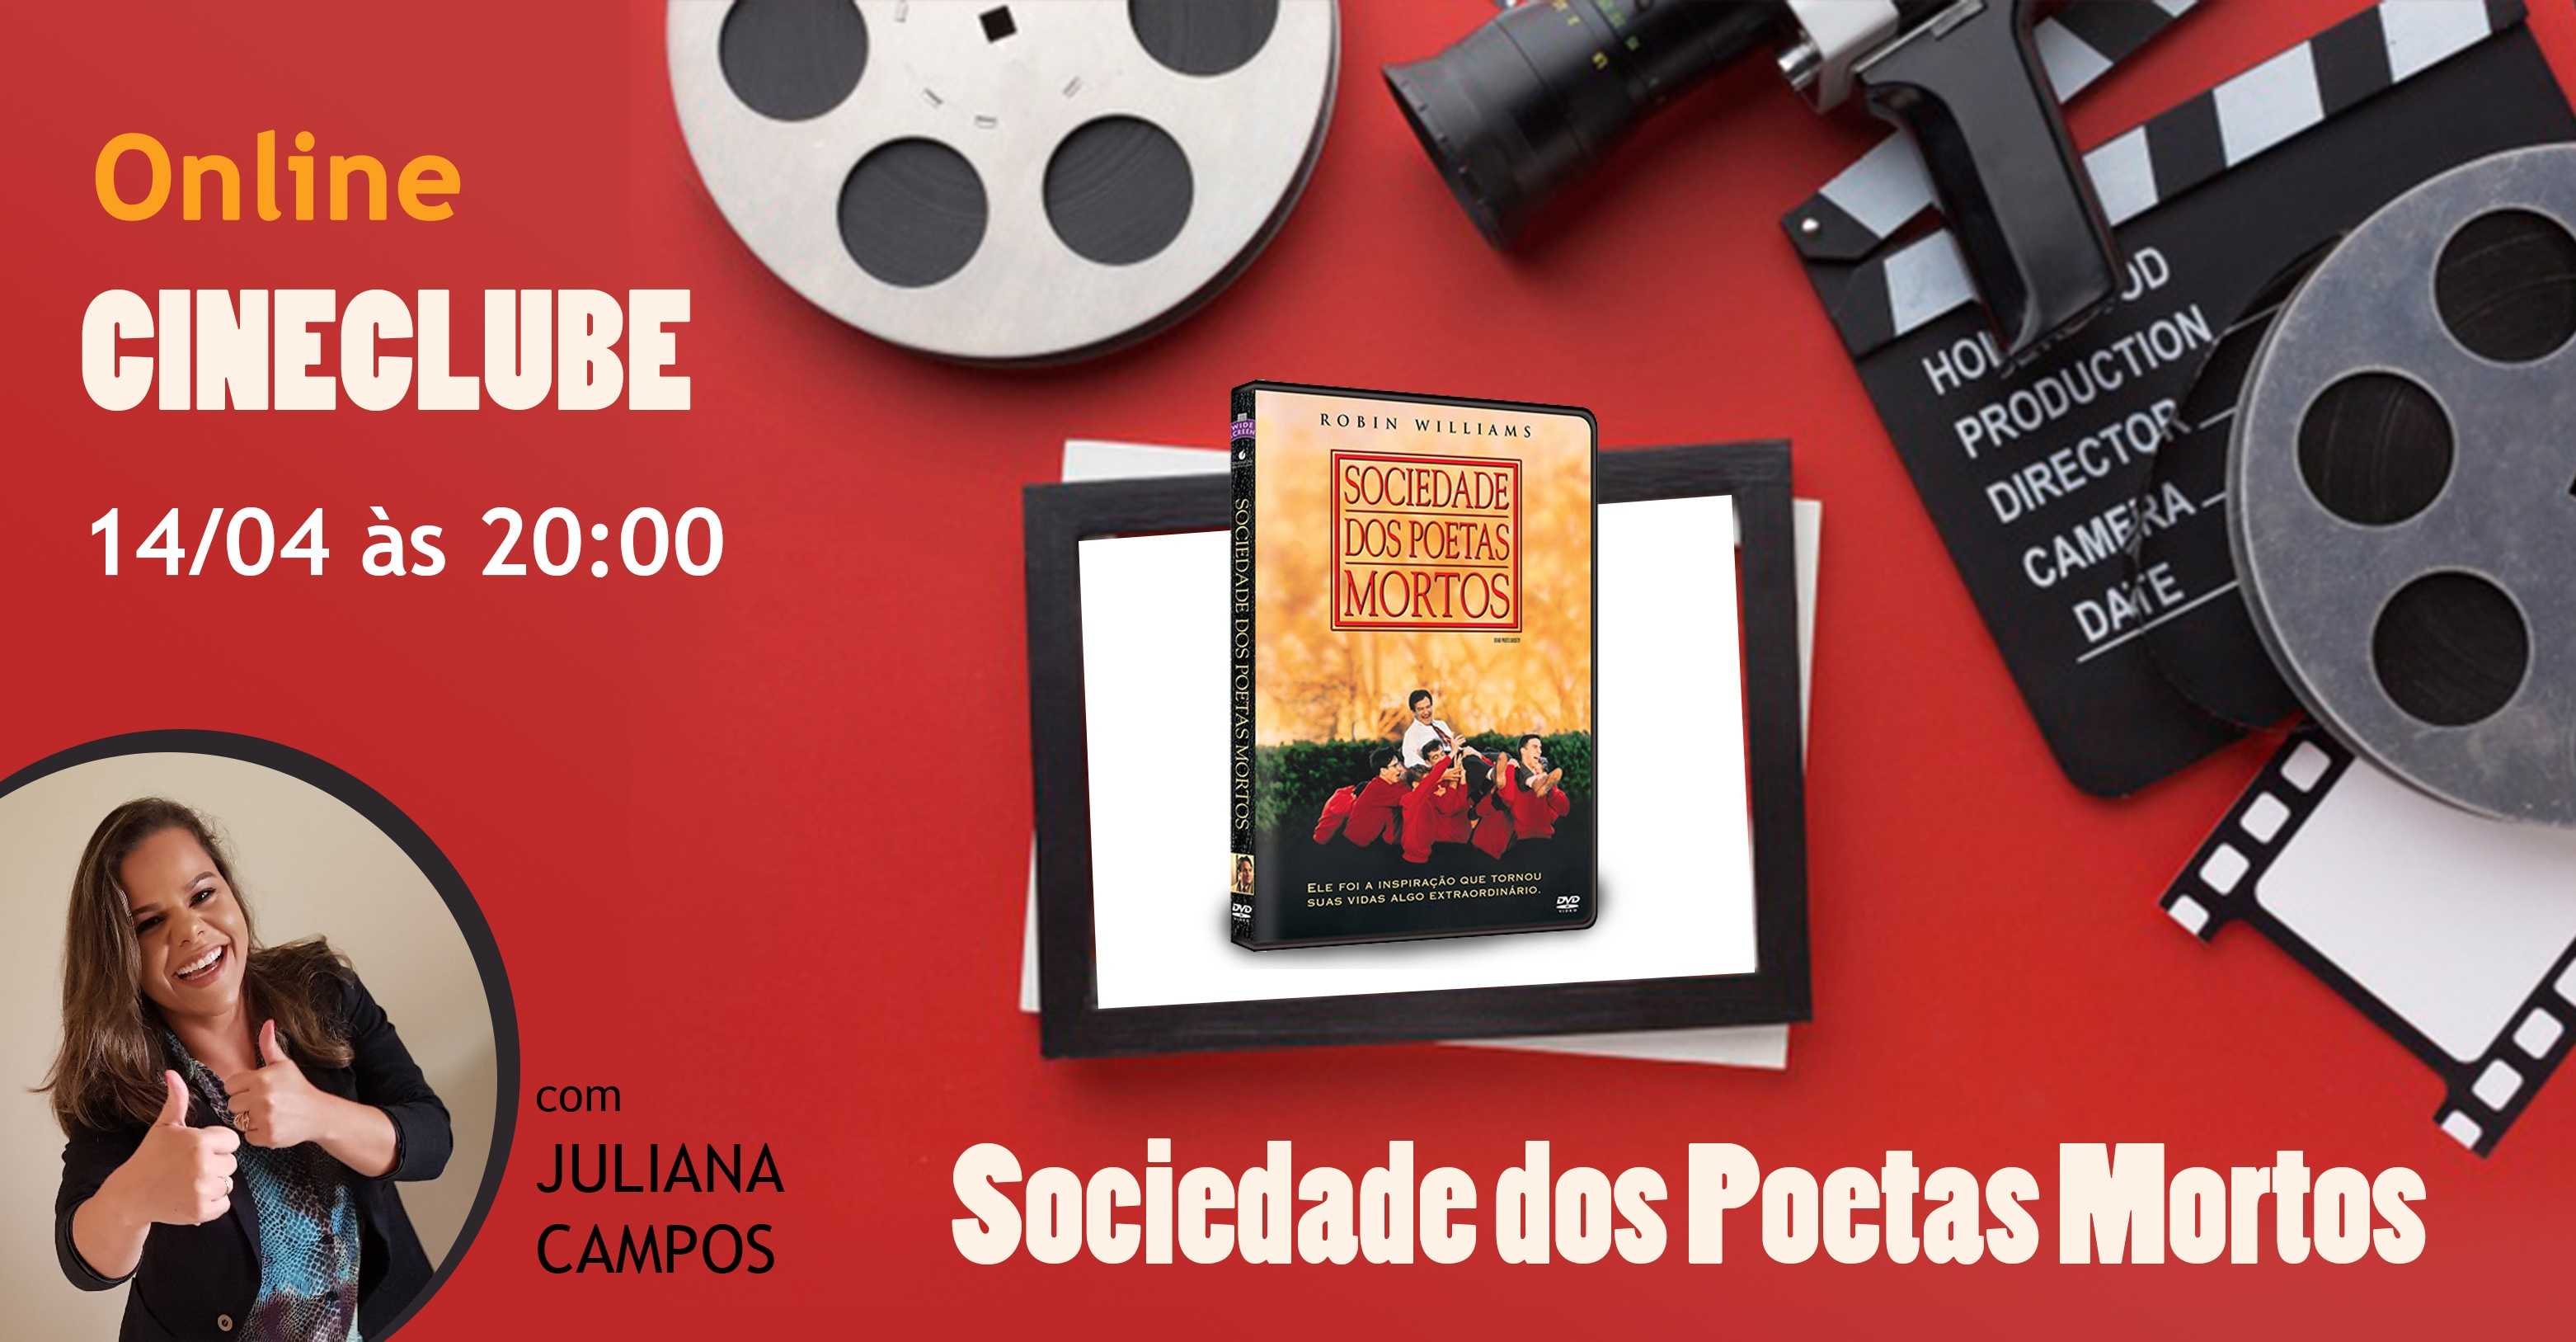 Cineclube Sociedade Dos Poetas Mortos Online Sympla